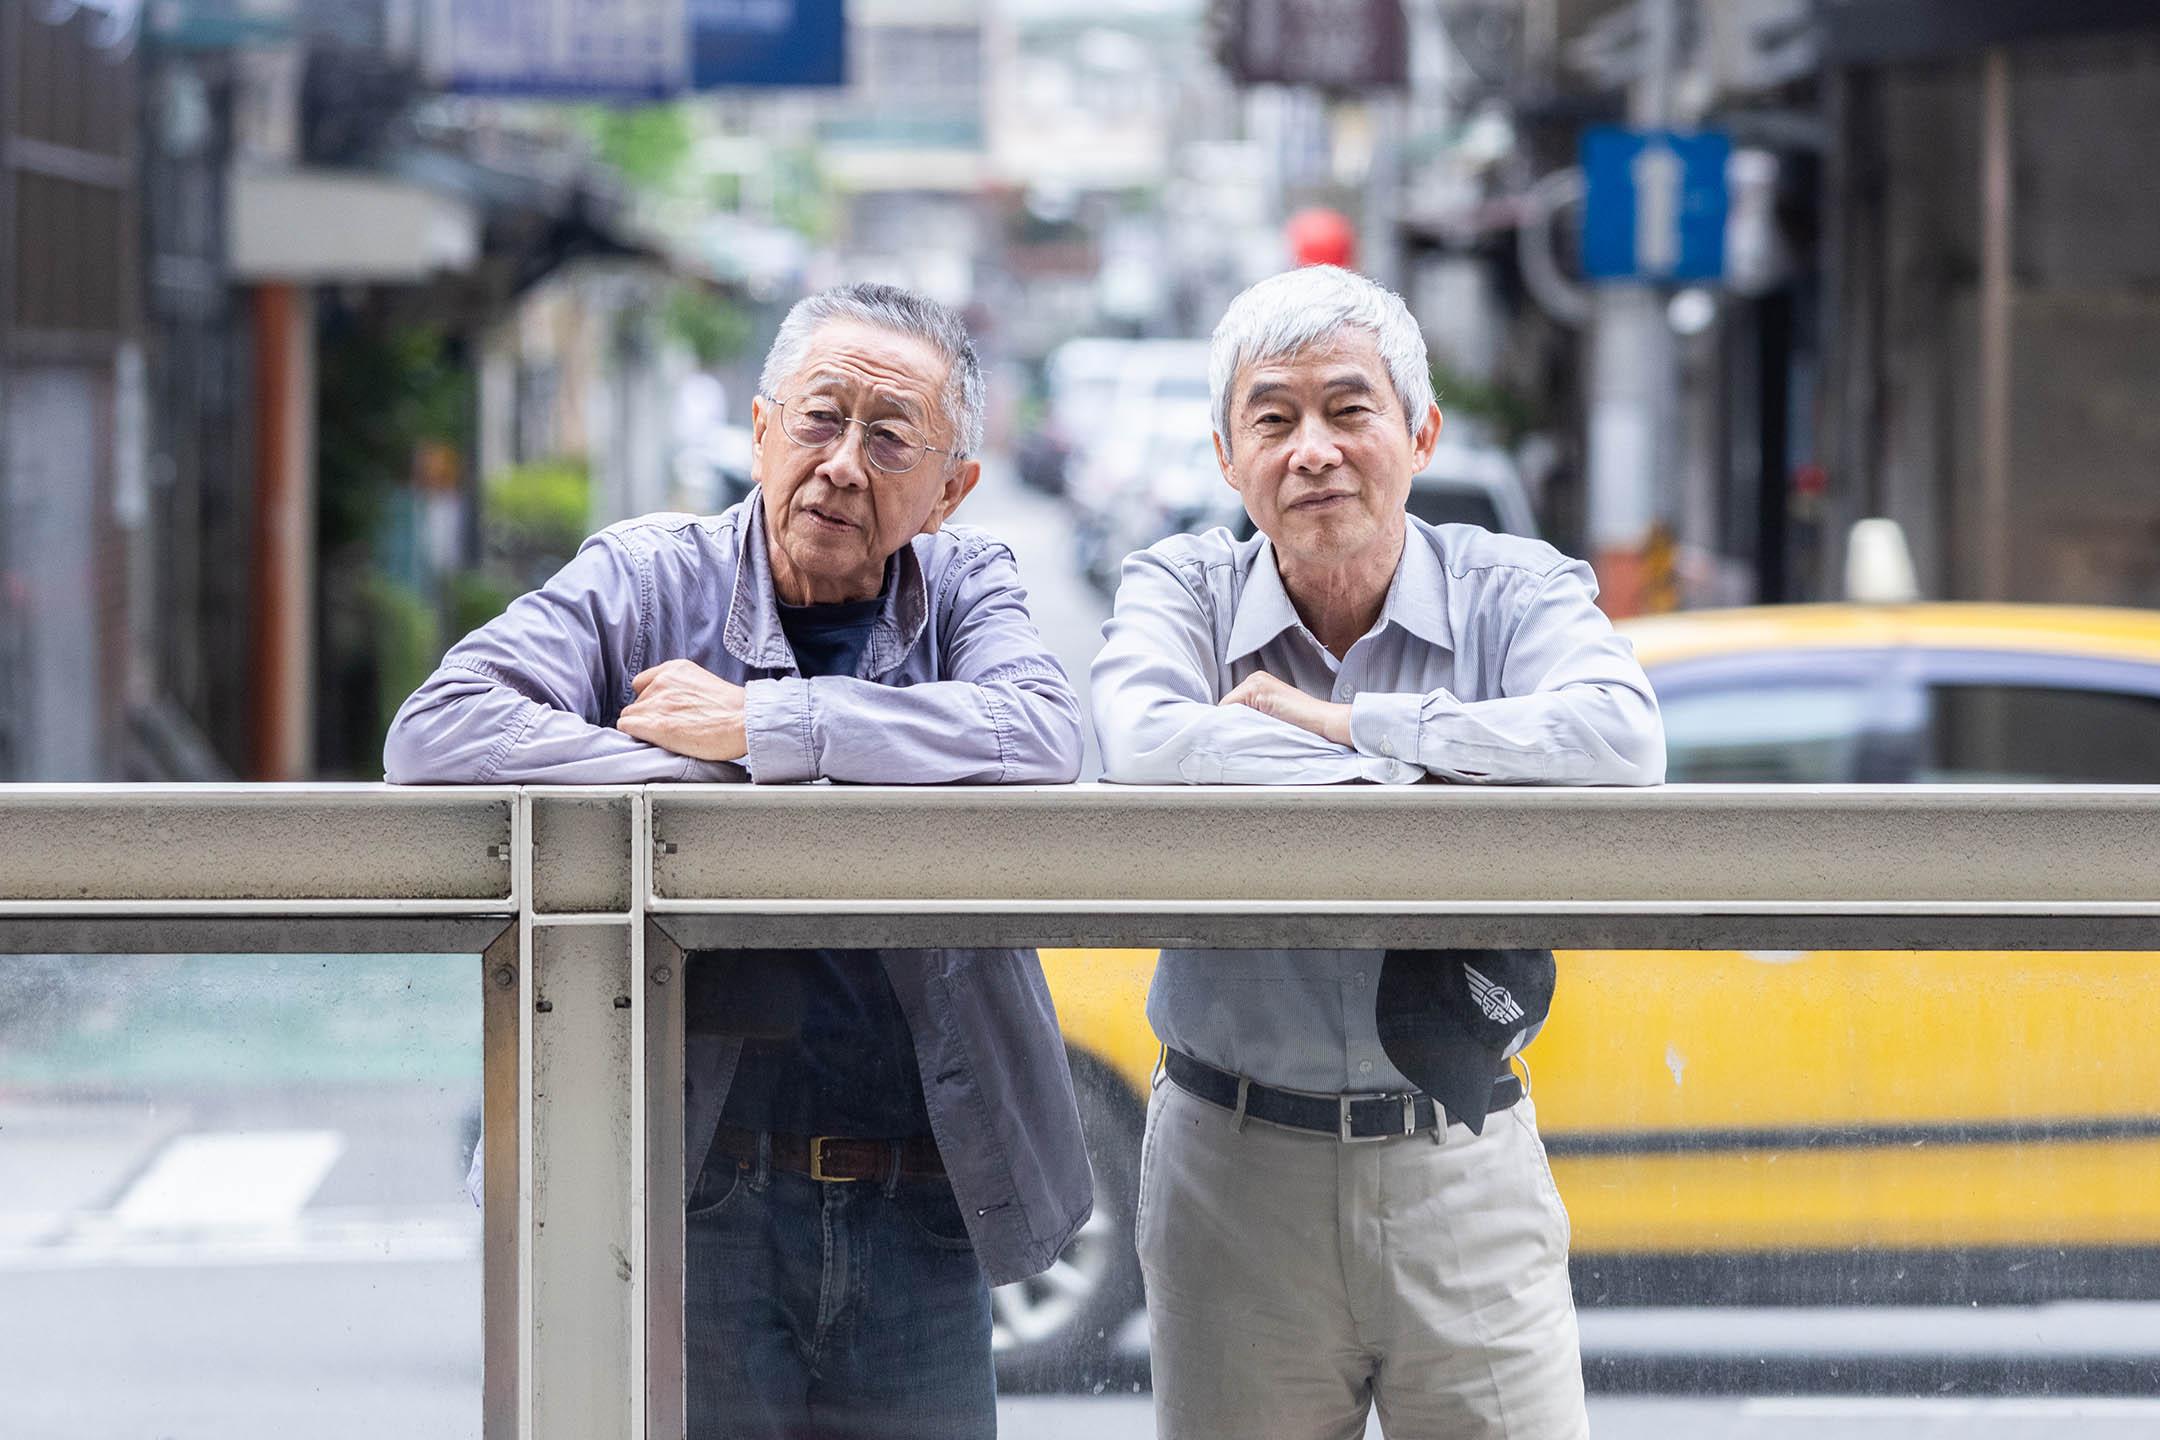 台大城鄉所退休教授劉可強(左)與前交通部長賀陳旦(右)。 攝:張國耀/端傳媒